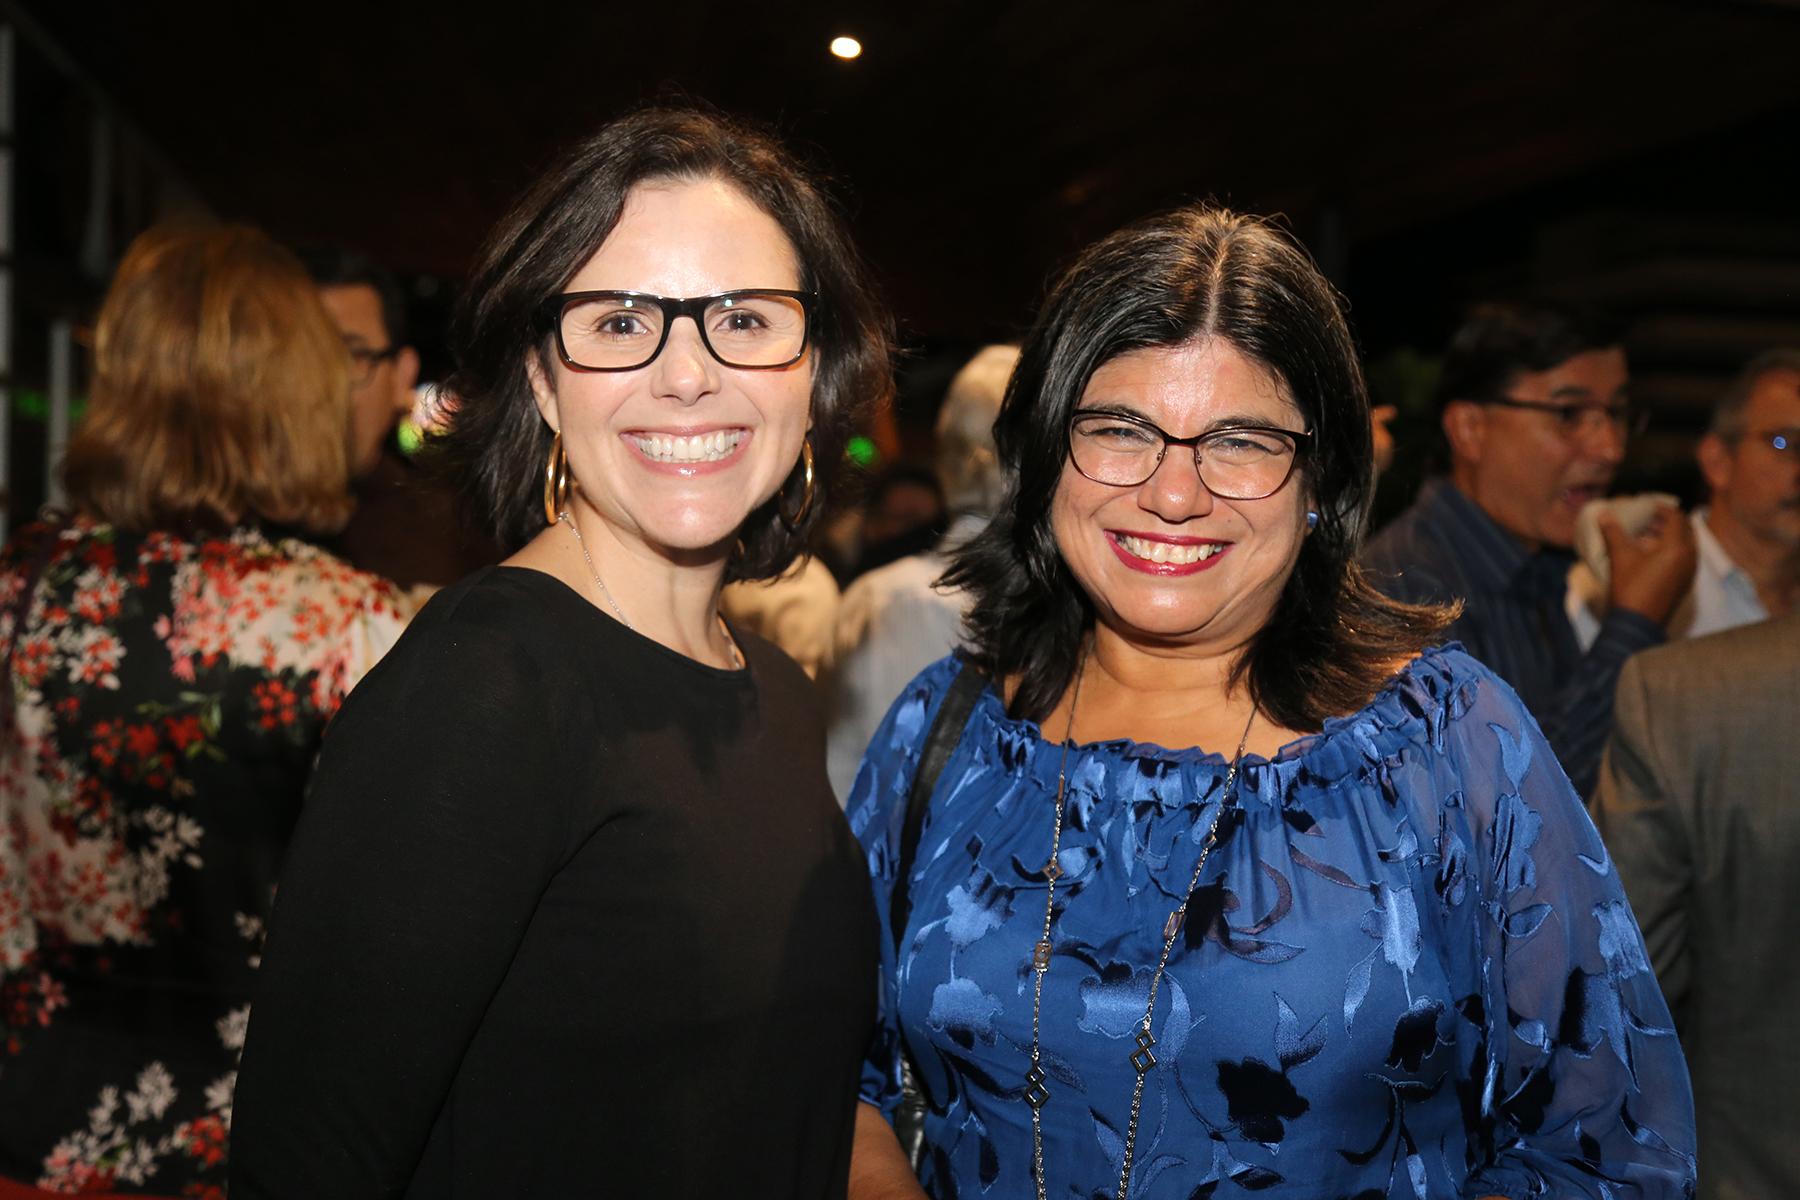 María Cristina Moreno y Sandra Villarrael. (Foto: Nichole Saldarriaga)